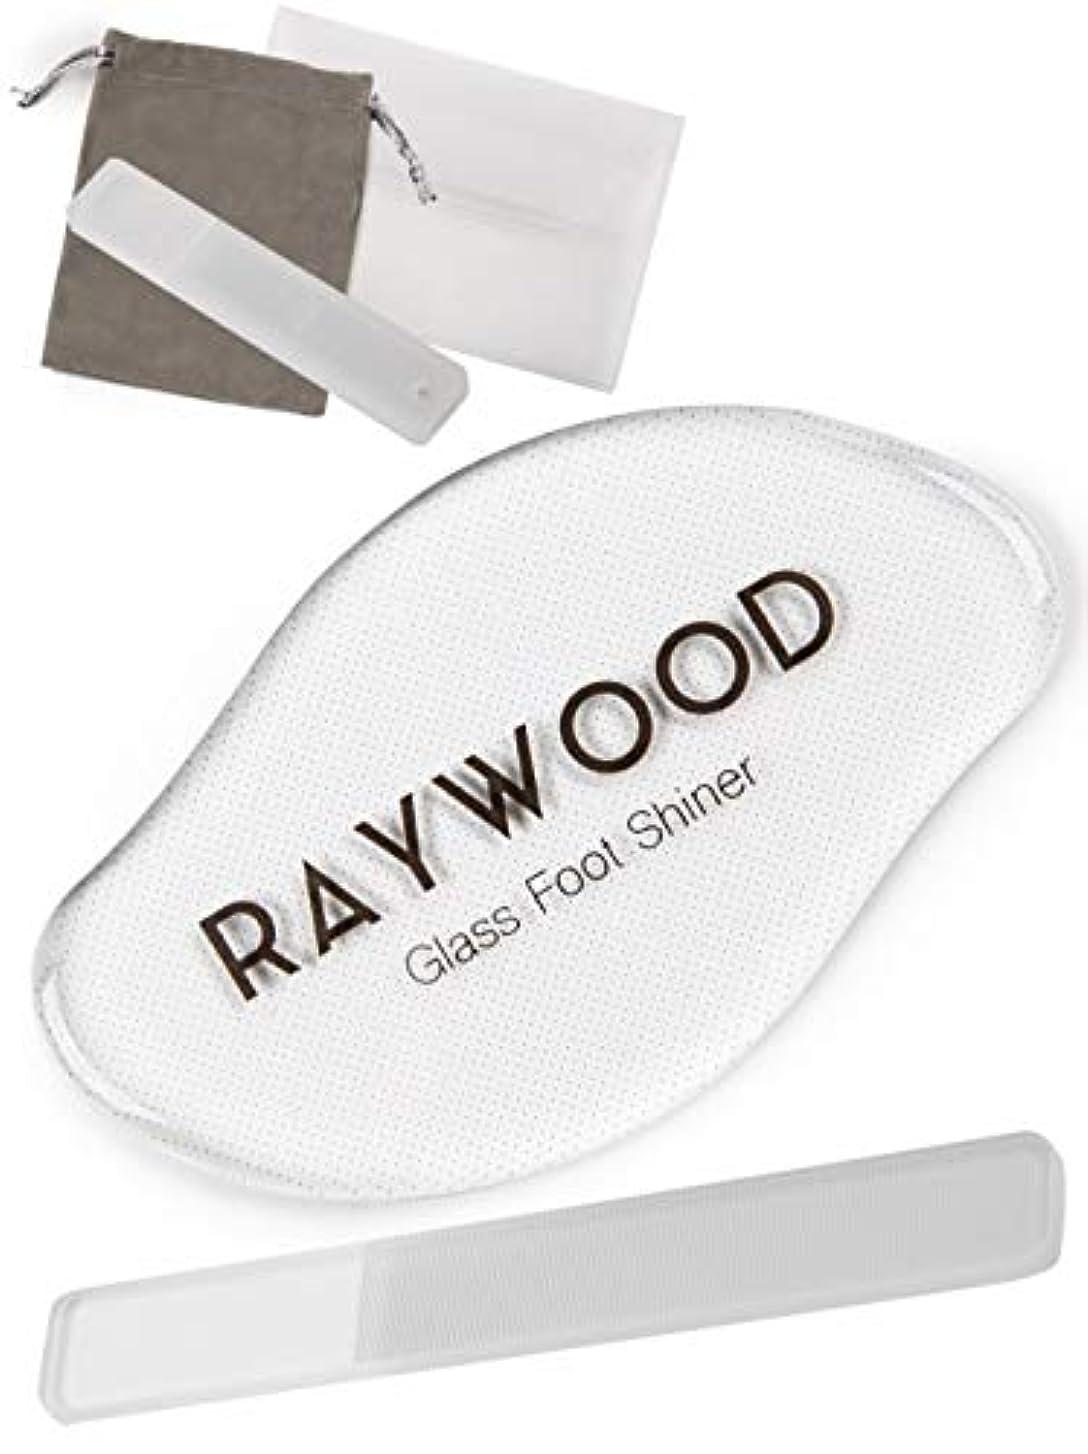 せっかちたっぷり発生器RAYWOOD かかと削り ガラス かかと 角質取り 角質 除去 足 ナノガラス 爪磨き 携帯 セット 専用ケース付き